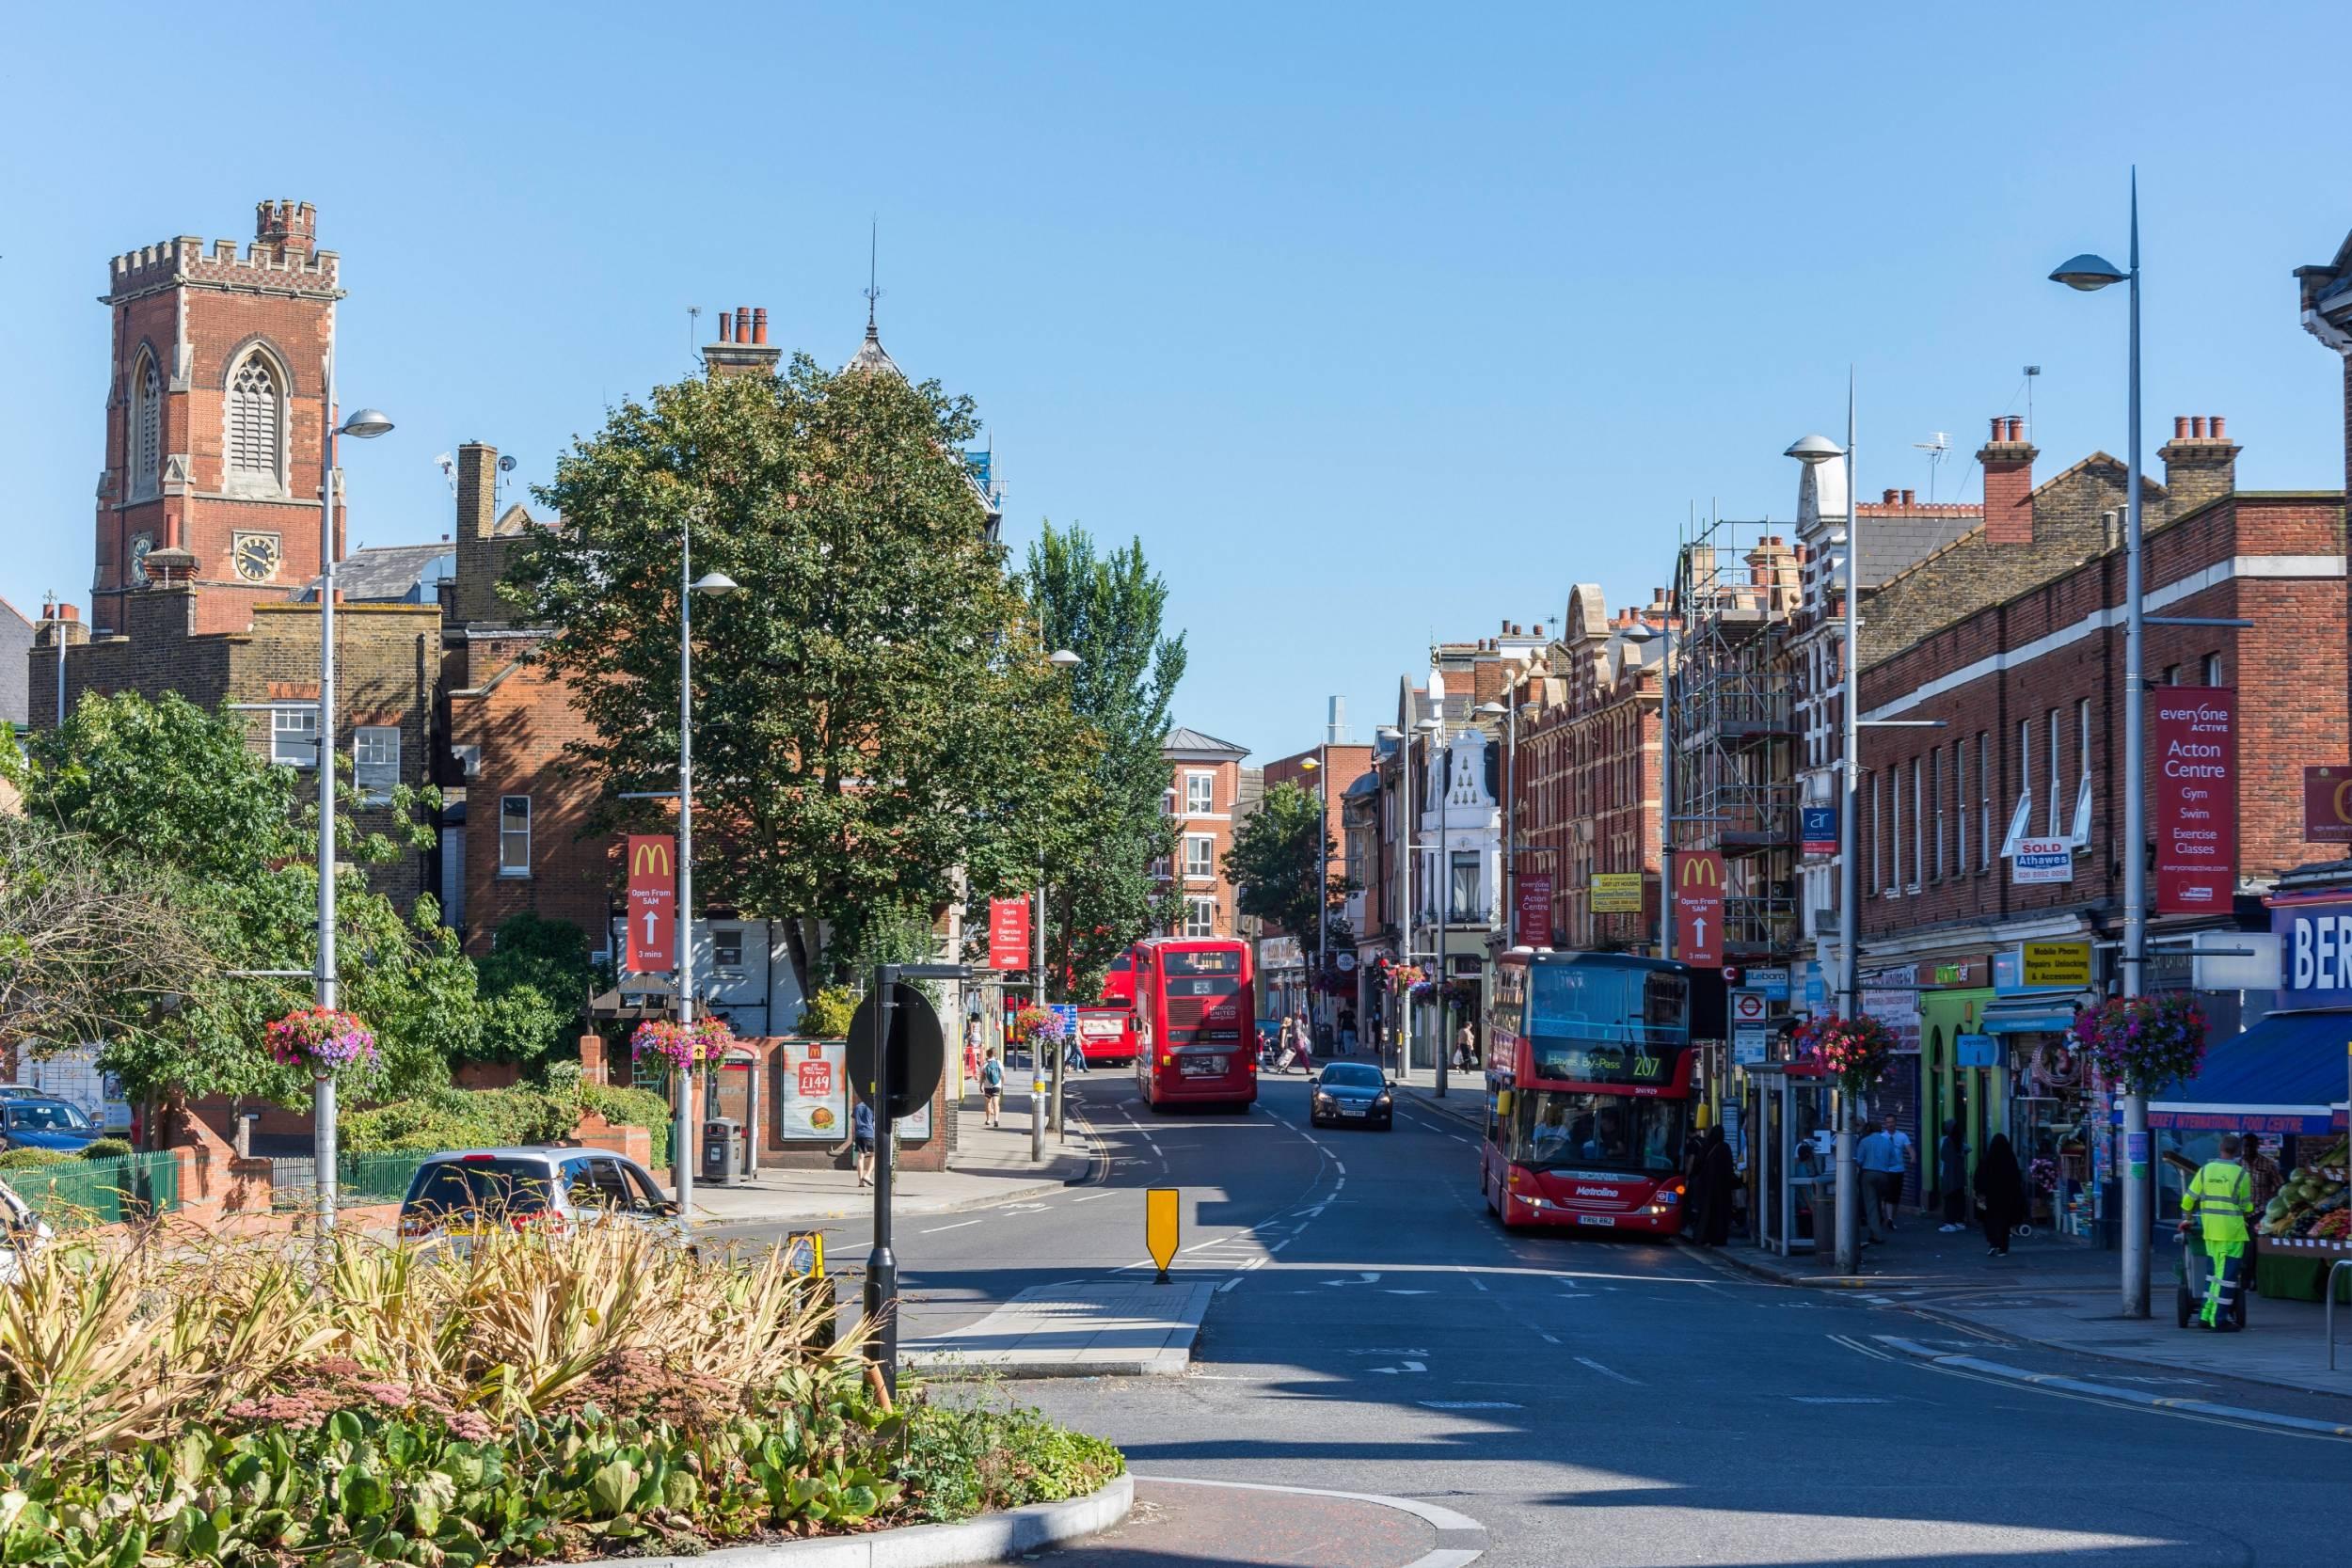 bairros-mais-baratos-de-Londres-acton